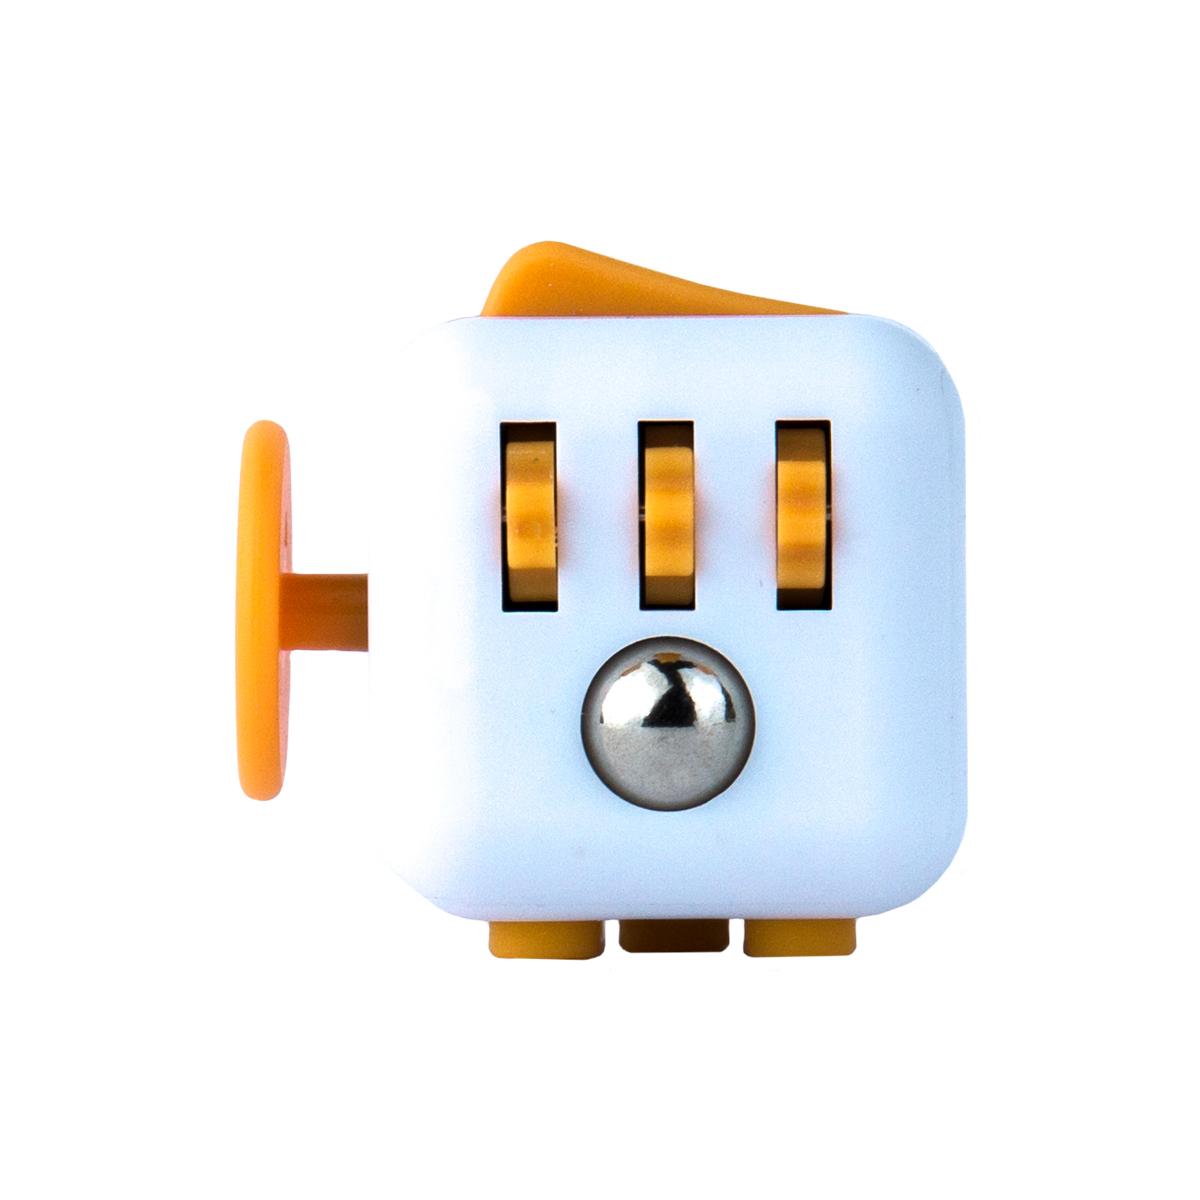 Игрушка-антистресс - Fidget Cube, закатАнтистресс кубики Fidget Cube<br>Игрушка-антистресс - Fidget Cube, закат<br>